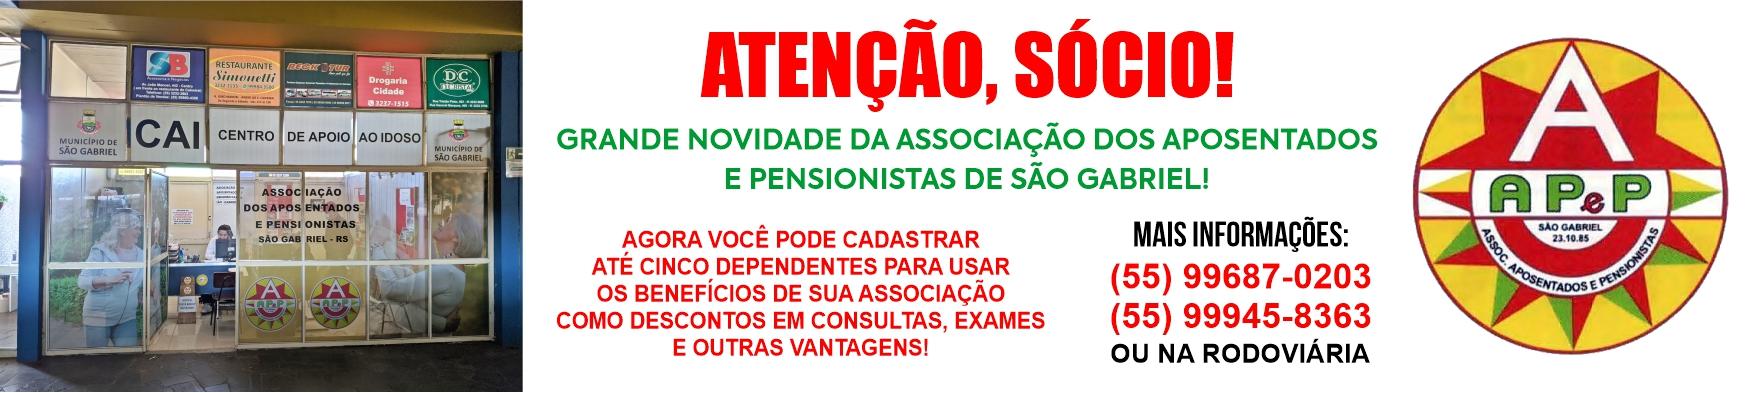 Atenção sócio da AAPSG: novidade, inclua dependentes para os benefícios da entidade!